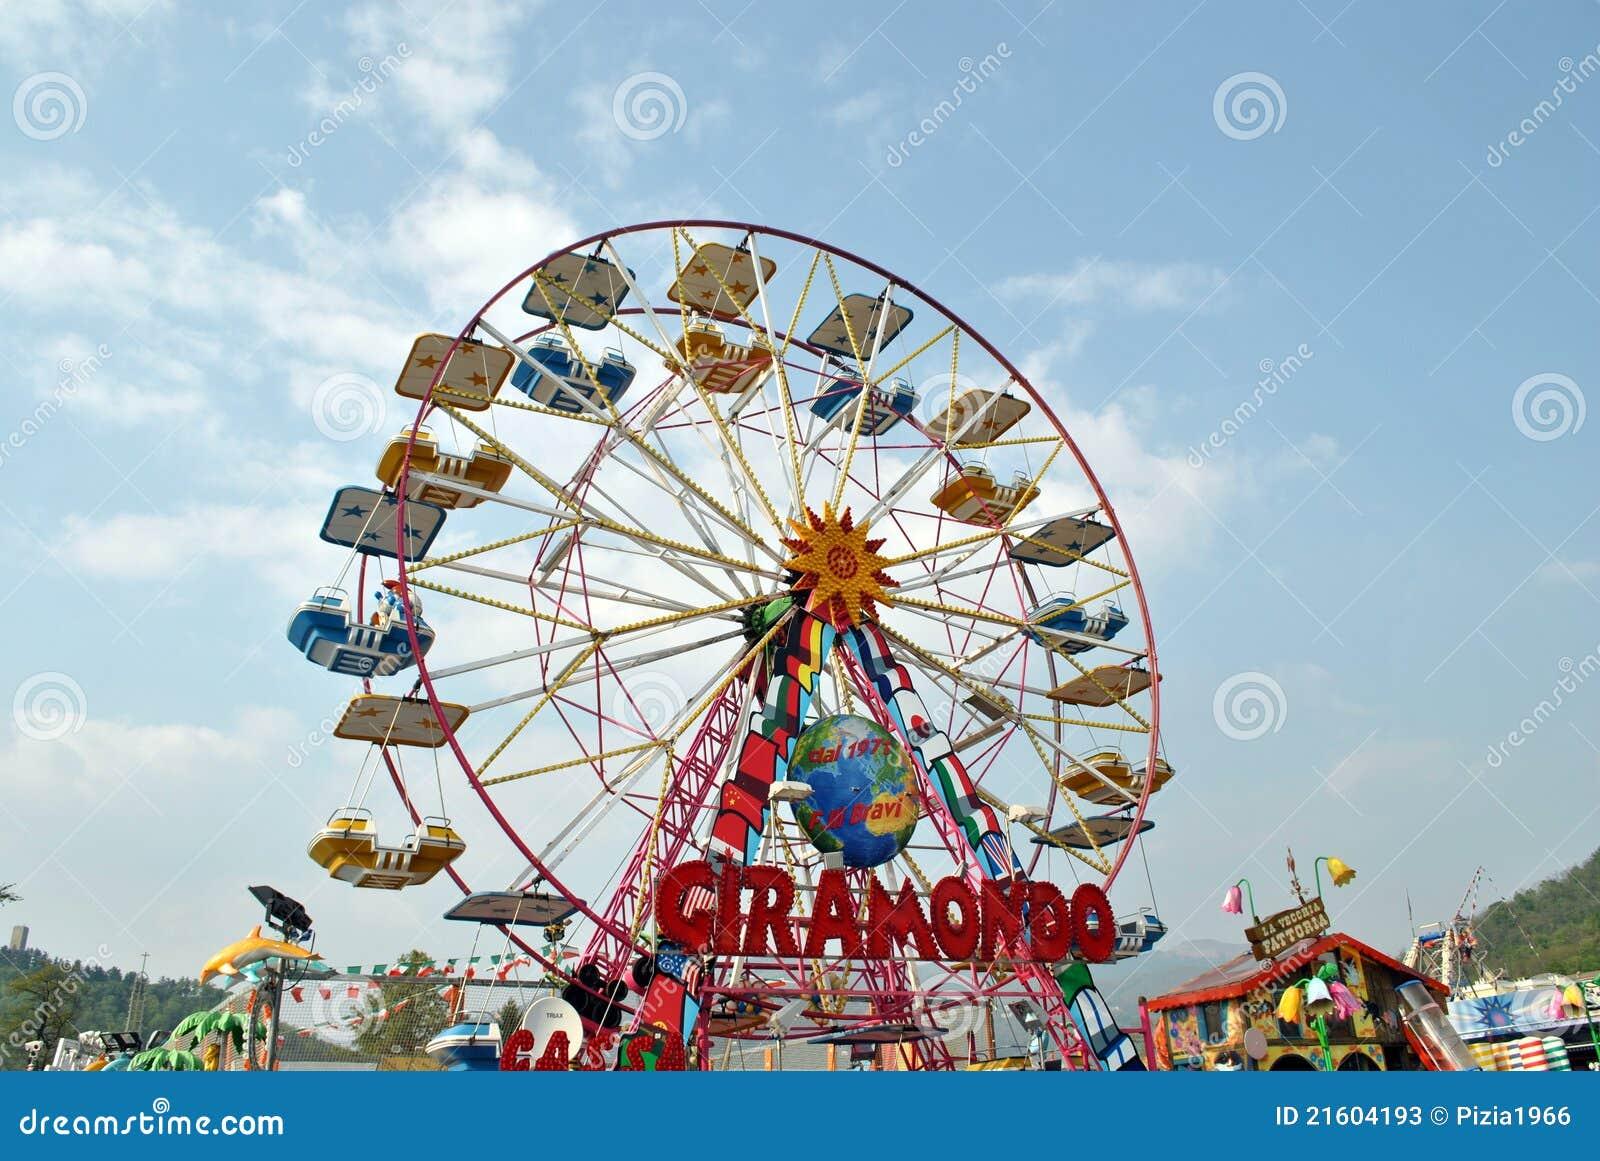 Luna Park zu Como in Italien